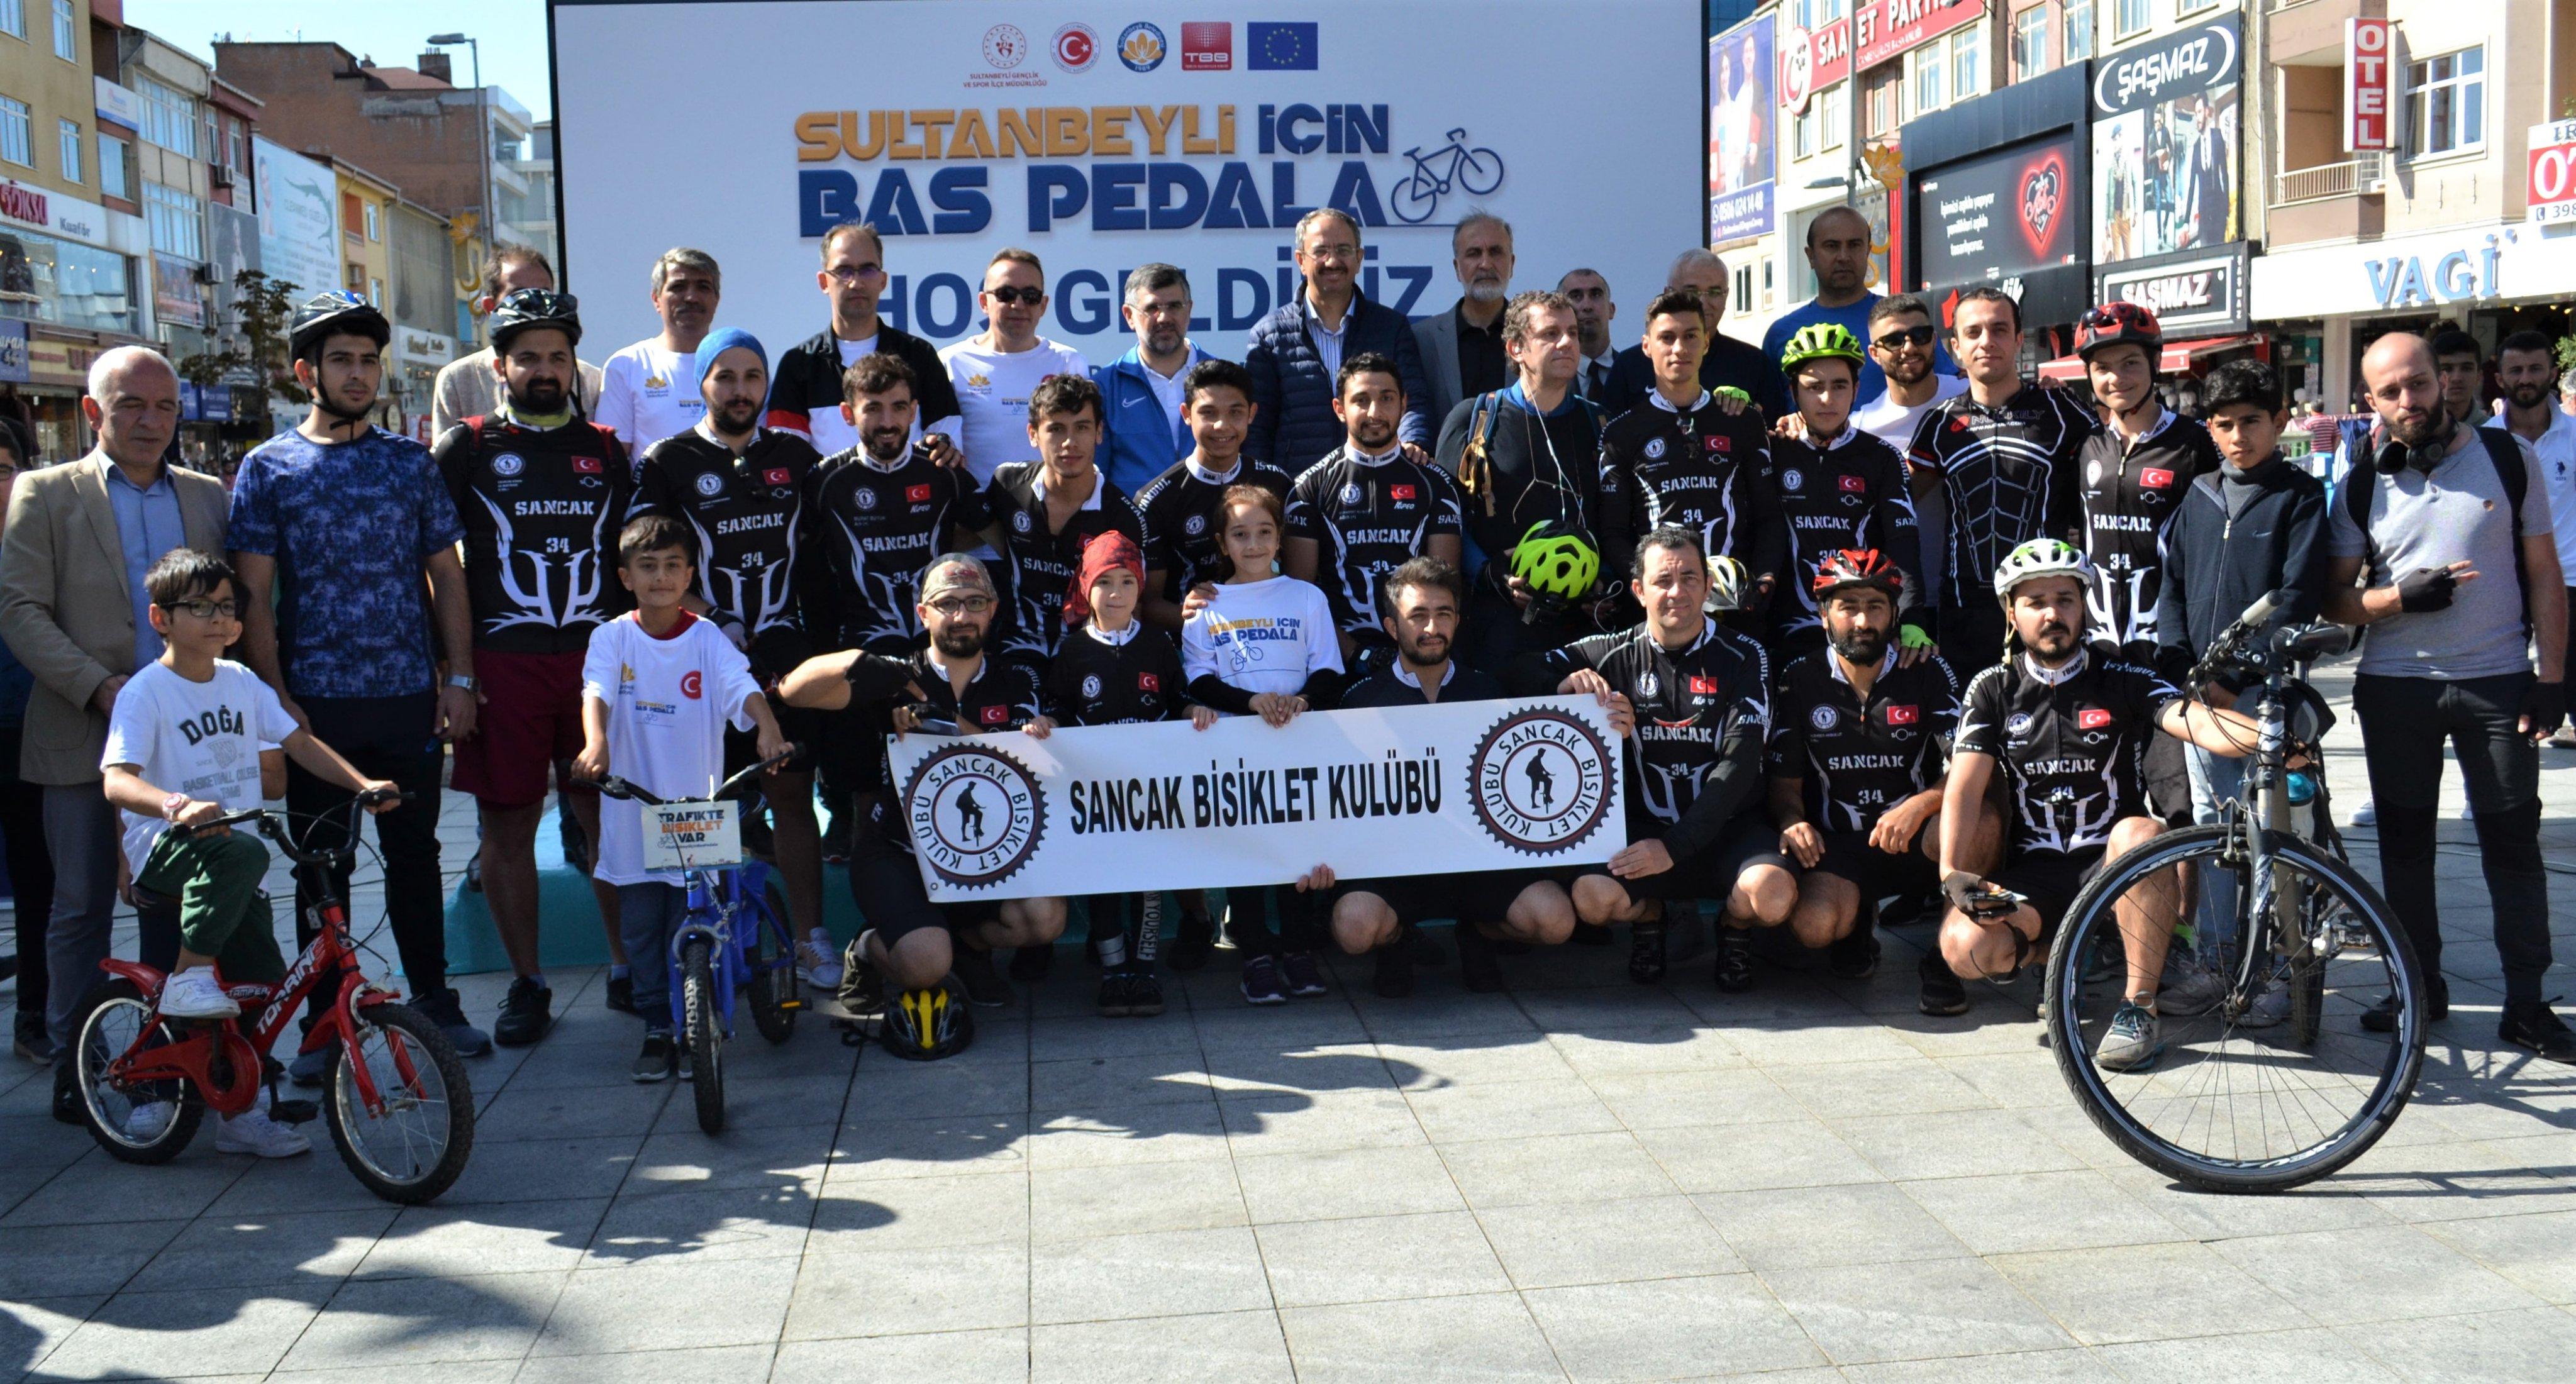 """""""Güvenli Yürüyüş ve Bisiklet"""" temasıyla Sultanbeyli'de Pedal Çevirdiler"""